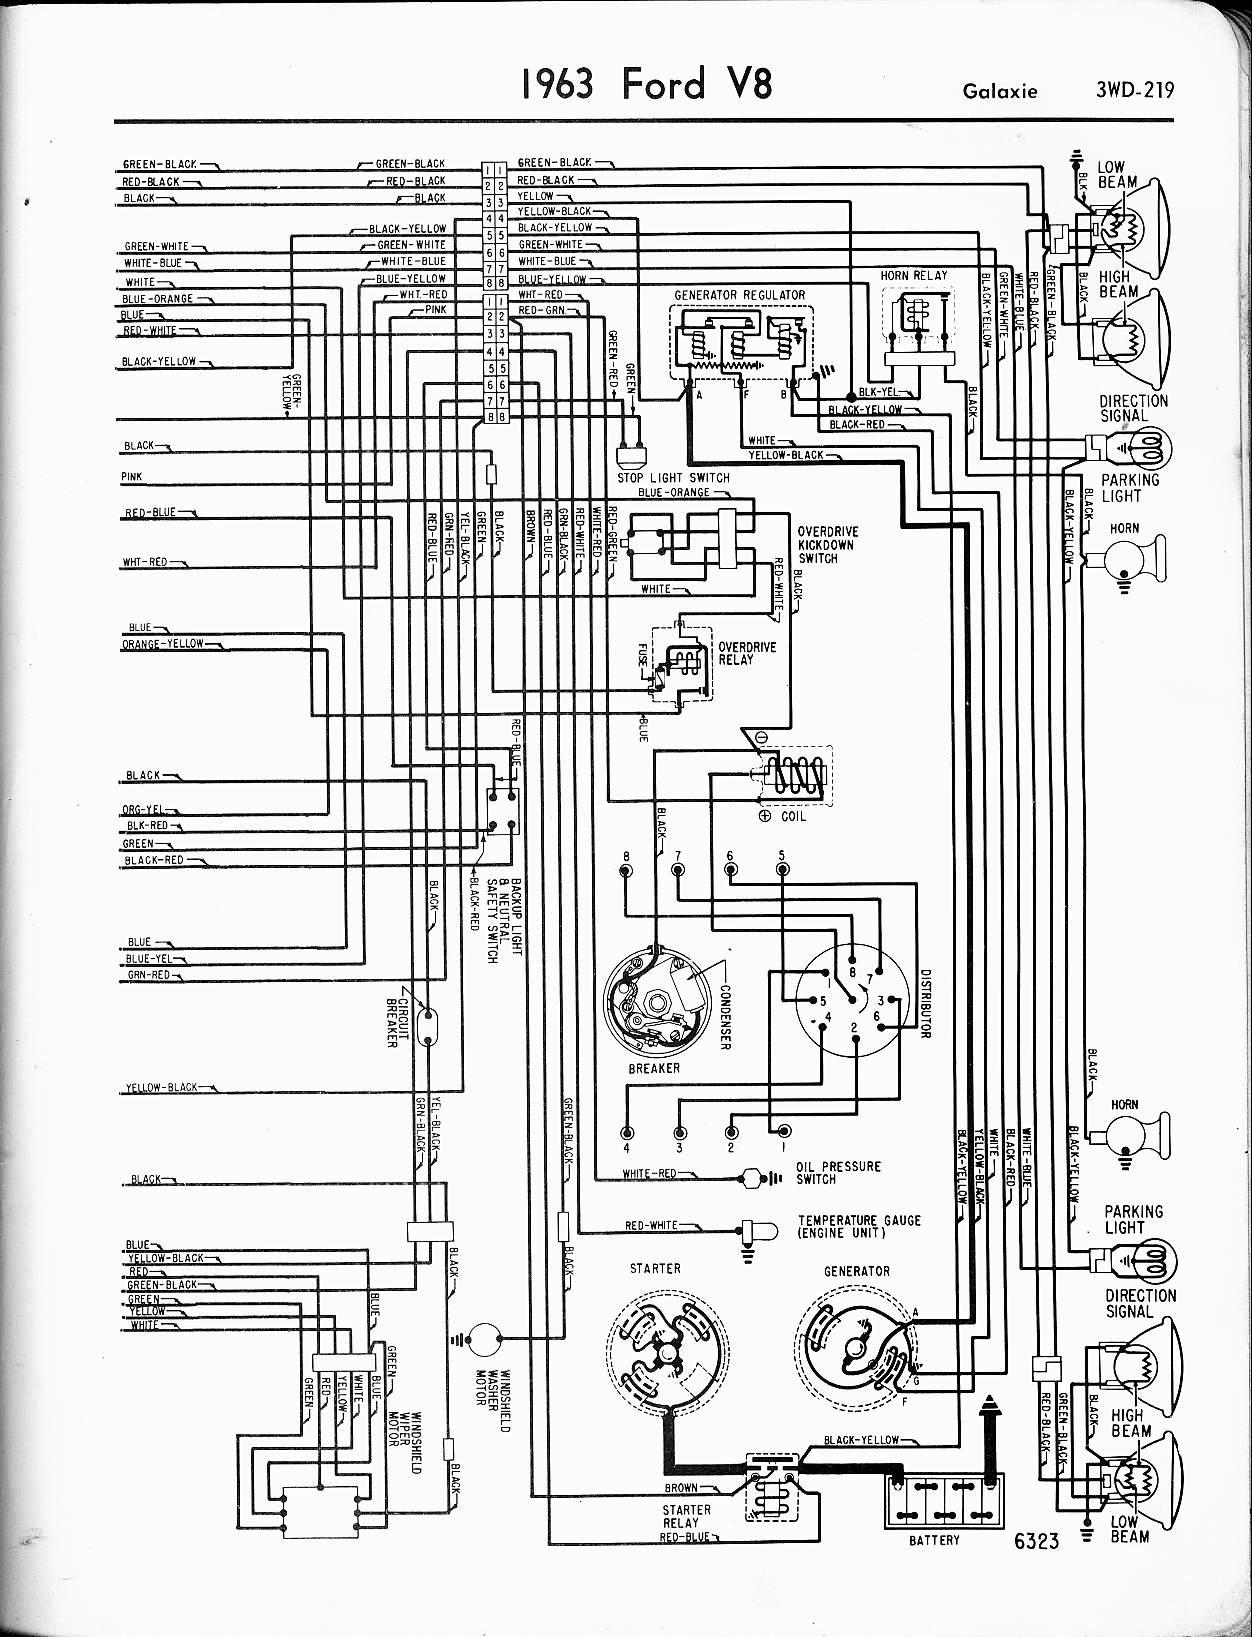 1963 ford radio wiring diagram 1961 1963 ford f 100 wiring diagram wiring diagram data  1961 1963 ford f 100 wiring diagram